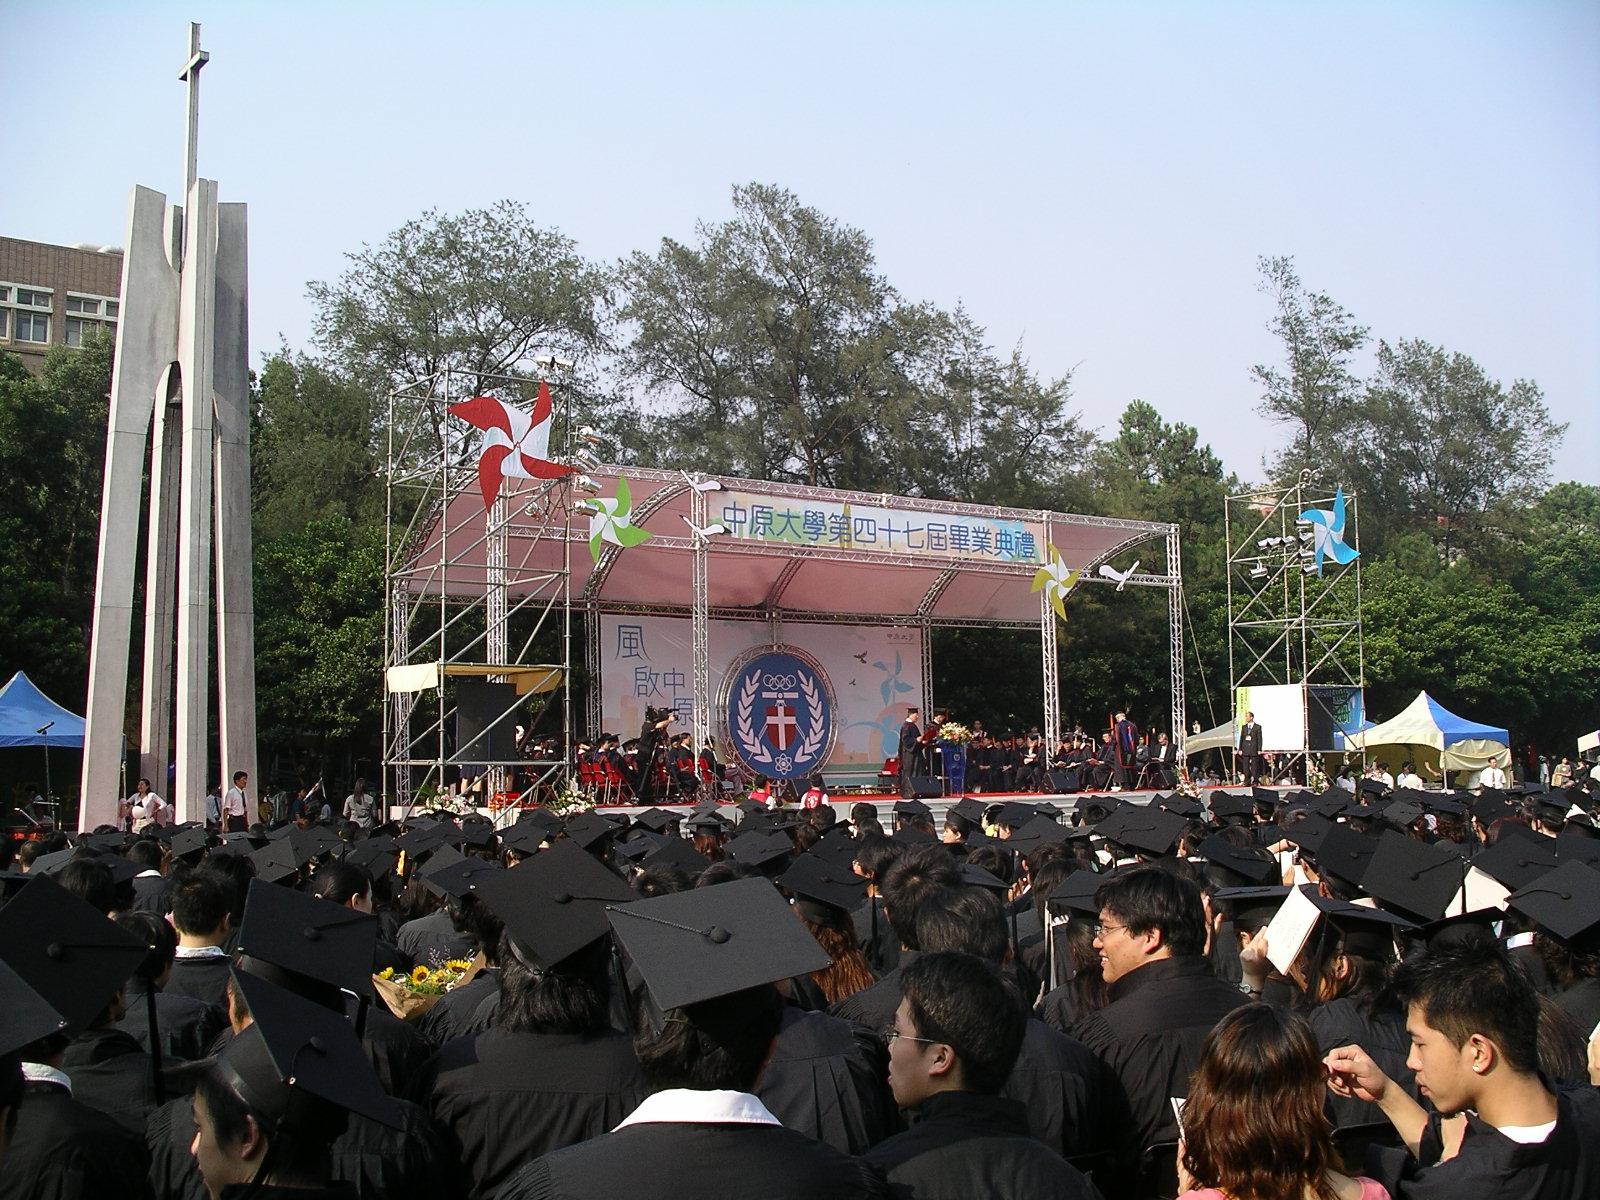 中原畢業典禮 風車歡送畢業生 賴英照、李家同獲頒榮譽博士學位